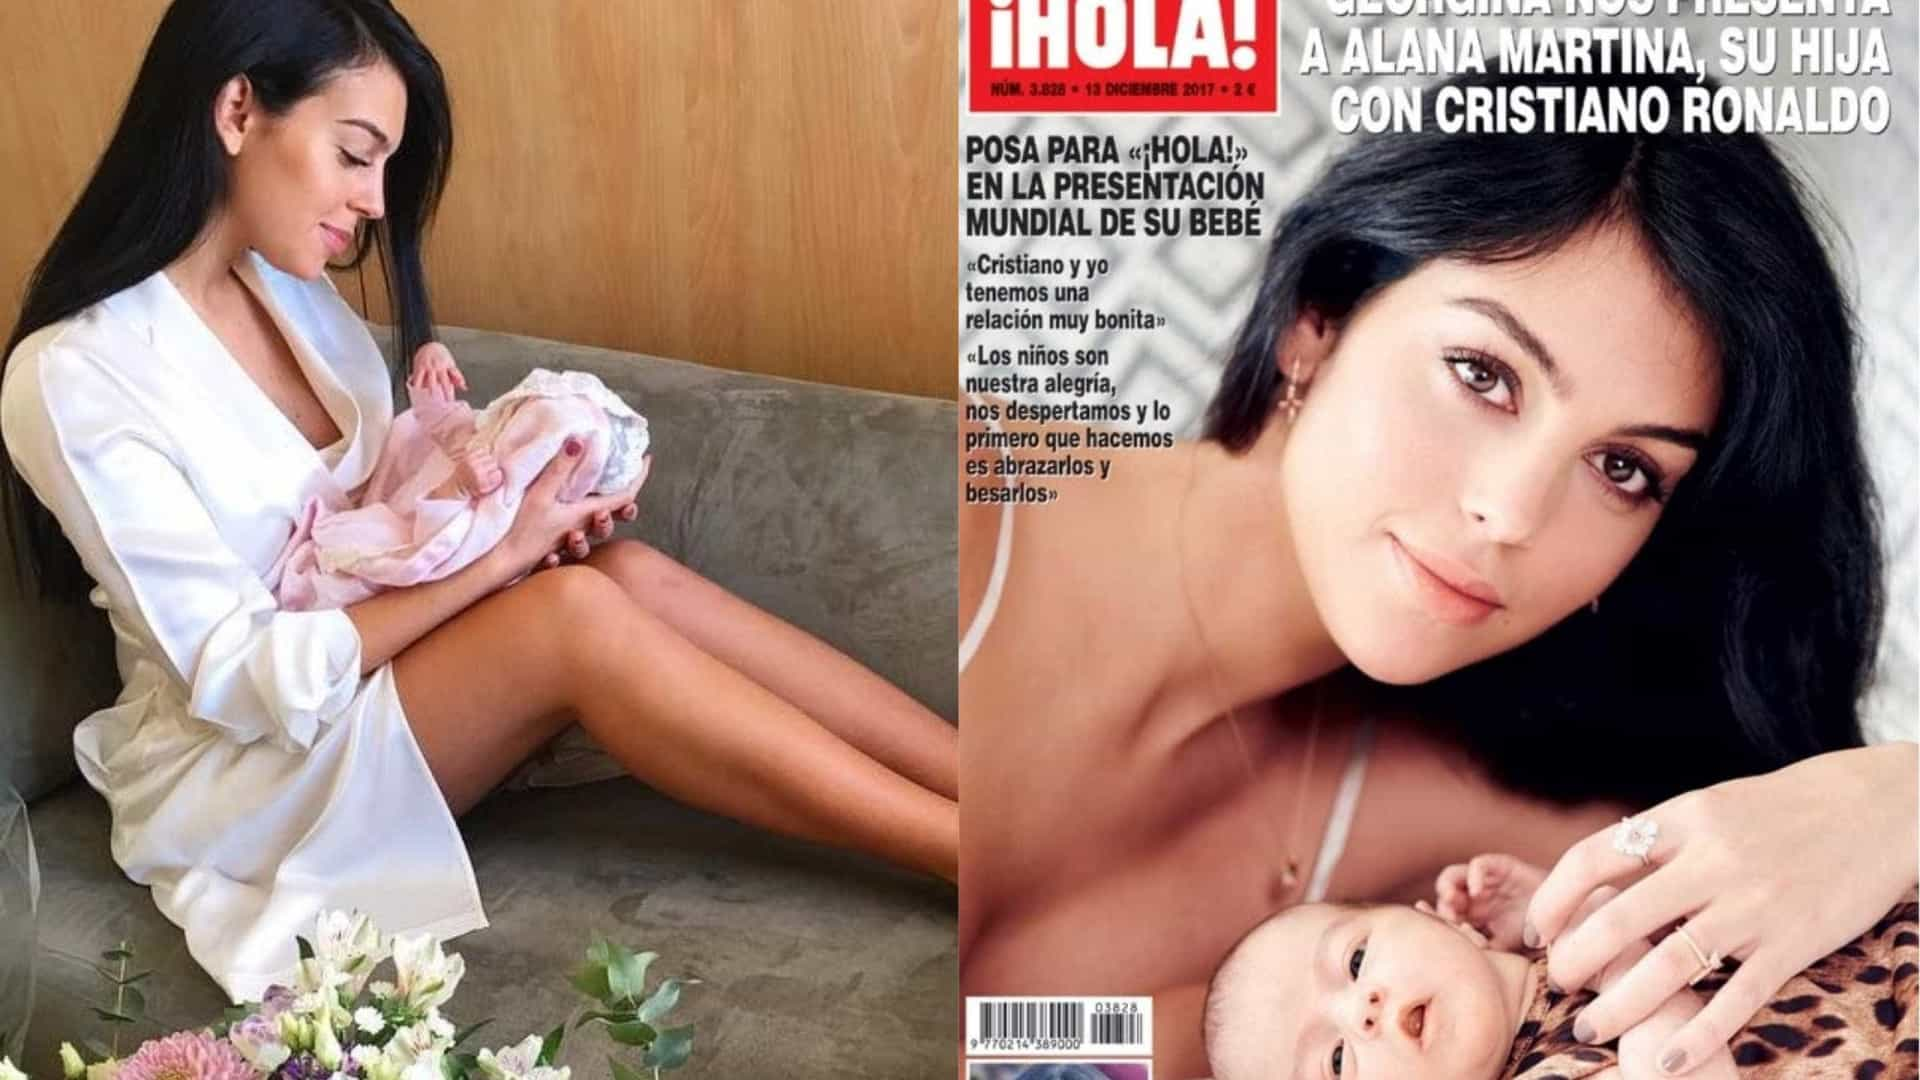 Georgina mostra Alana Martina na capa de revista espanhola